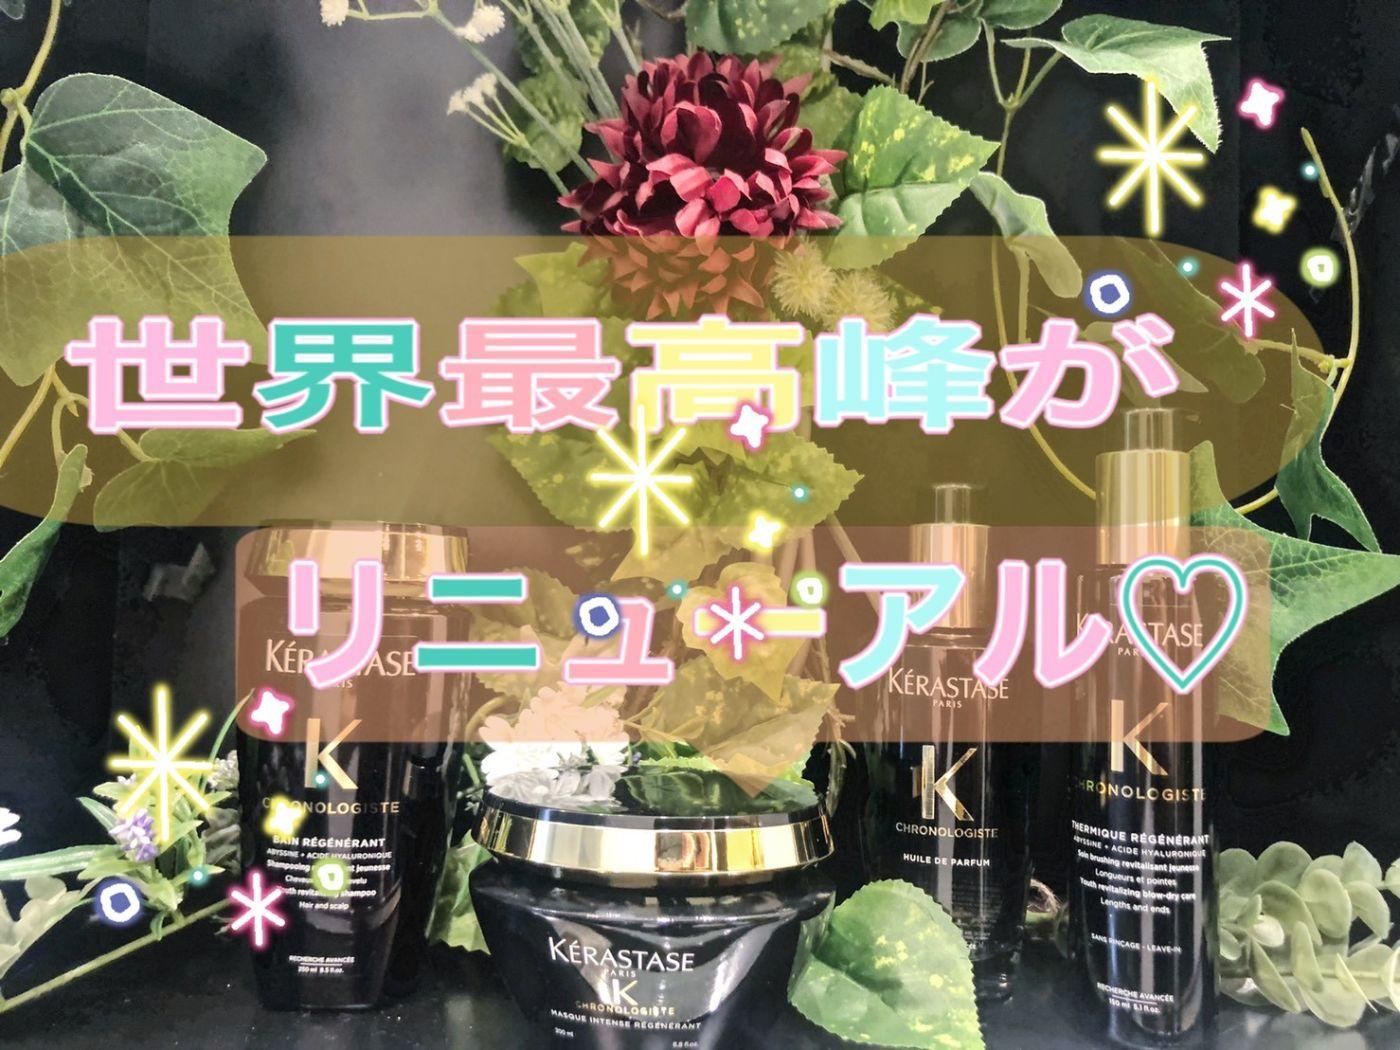 ☆クロノロジストがリニューアル☆